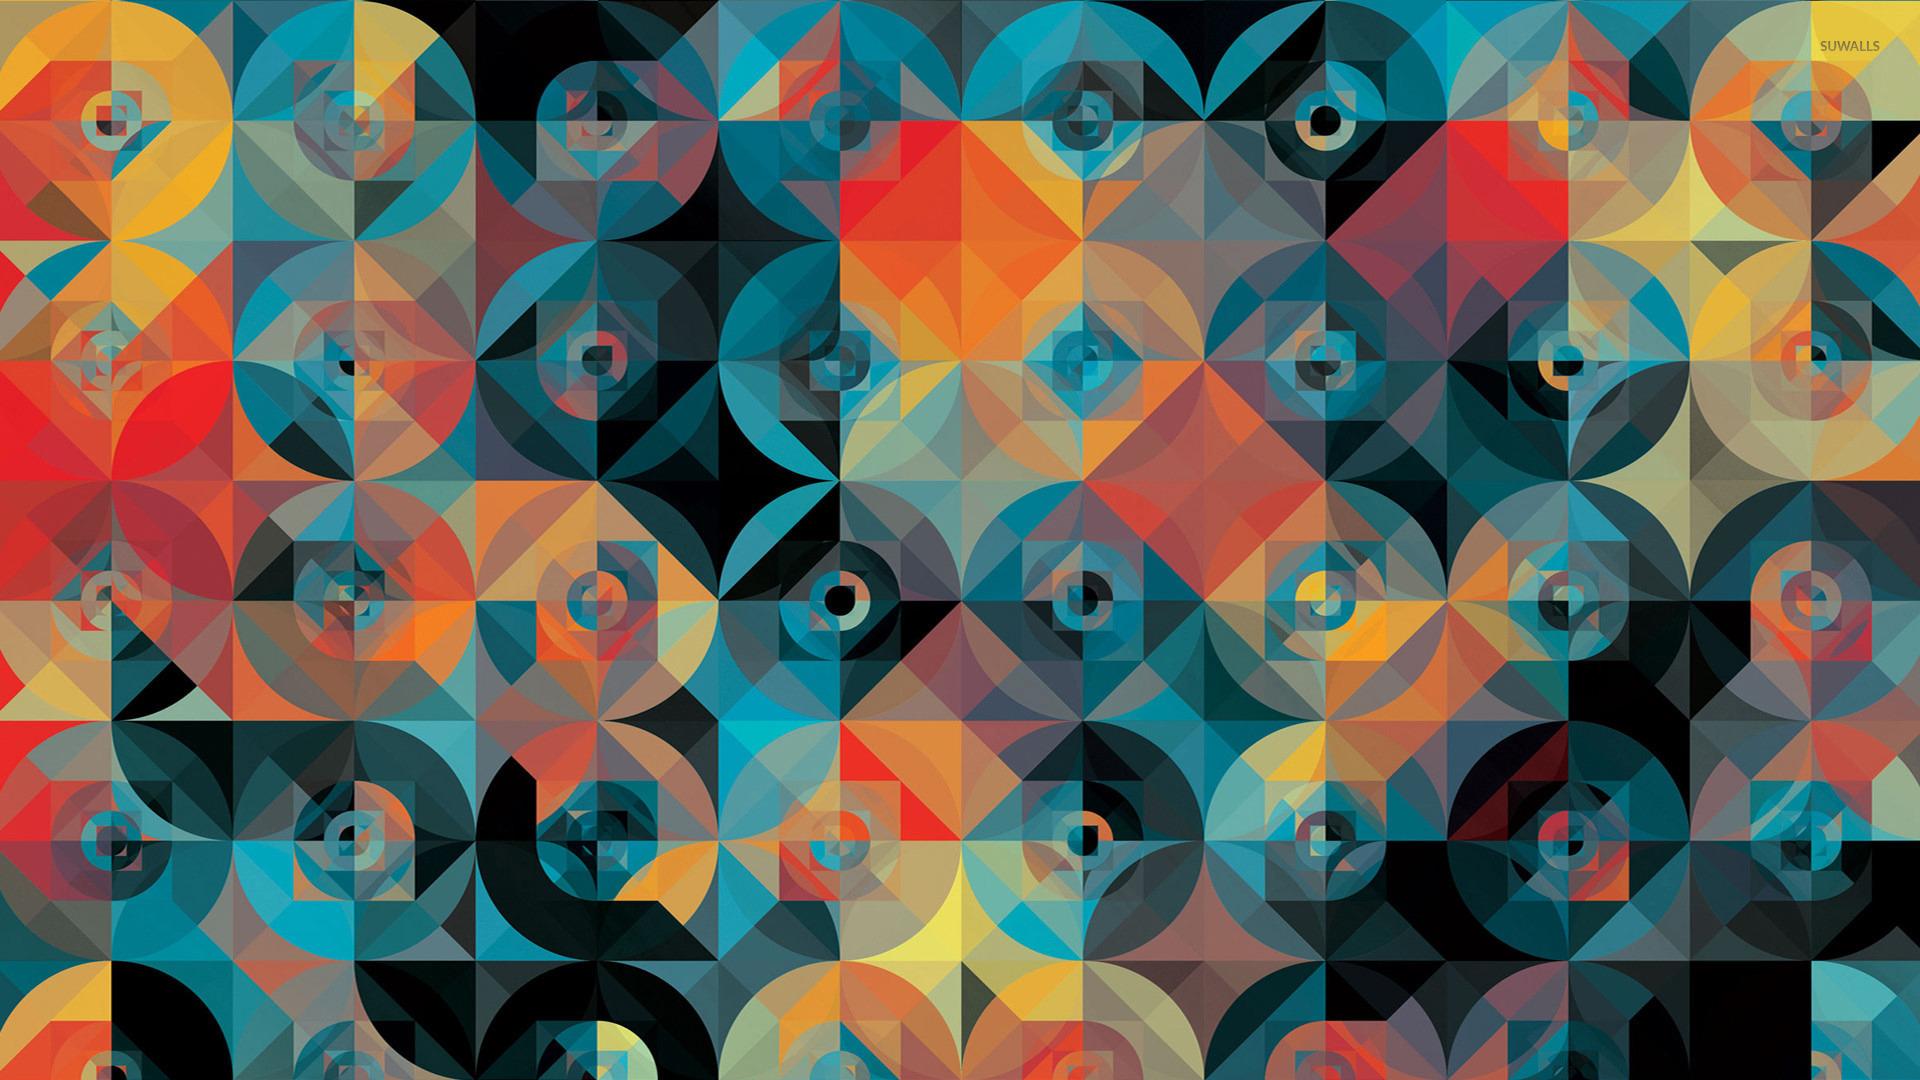 mosaic  3  wallpaper - abstract wallpapers